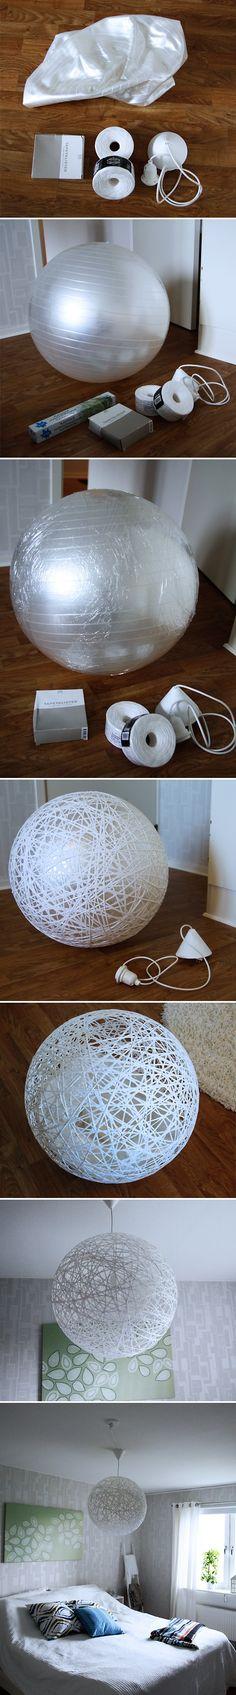 DIY cadena de la lámpara | DiyReal.com